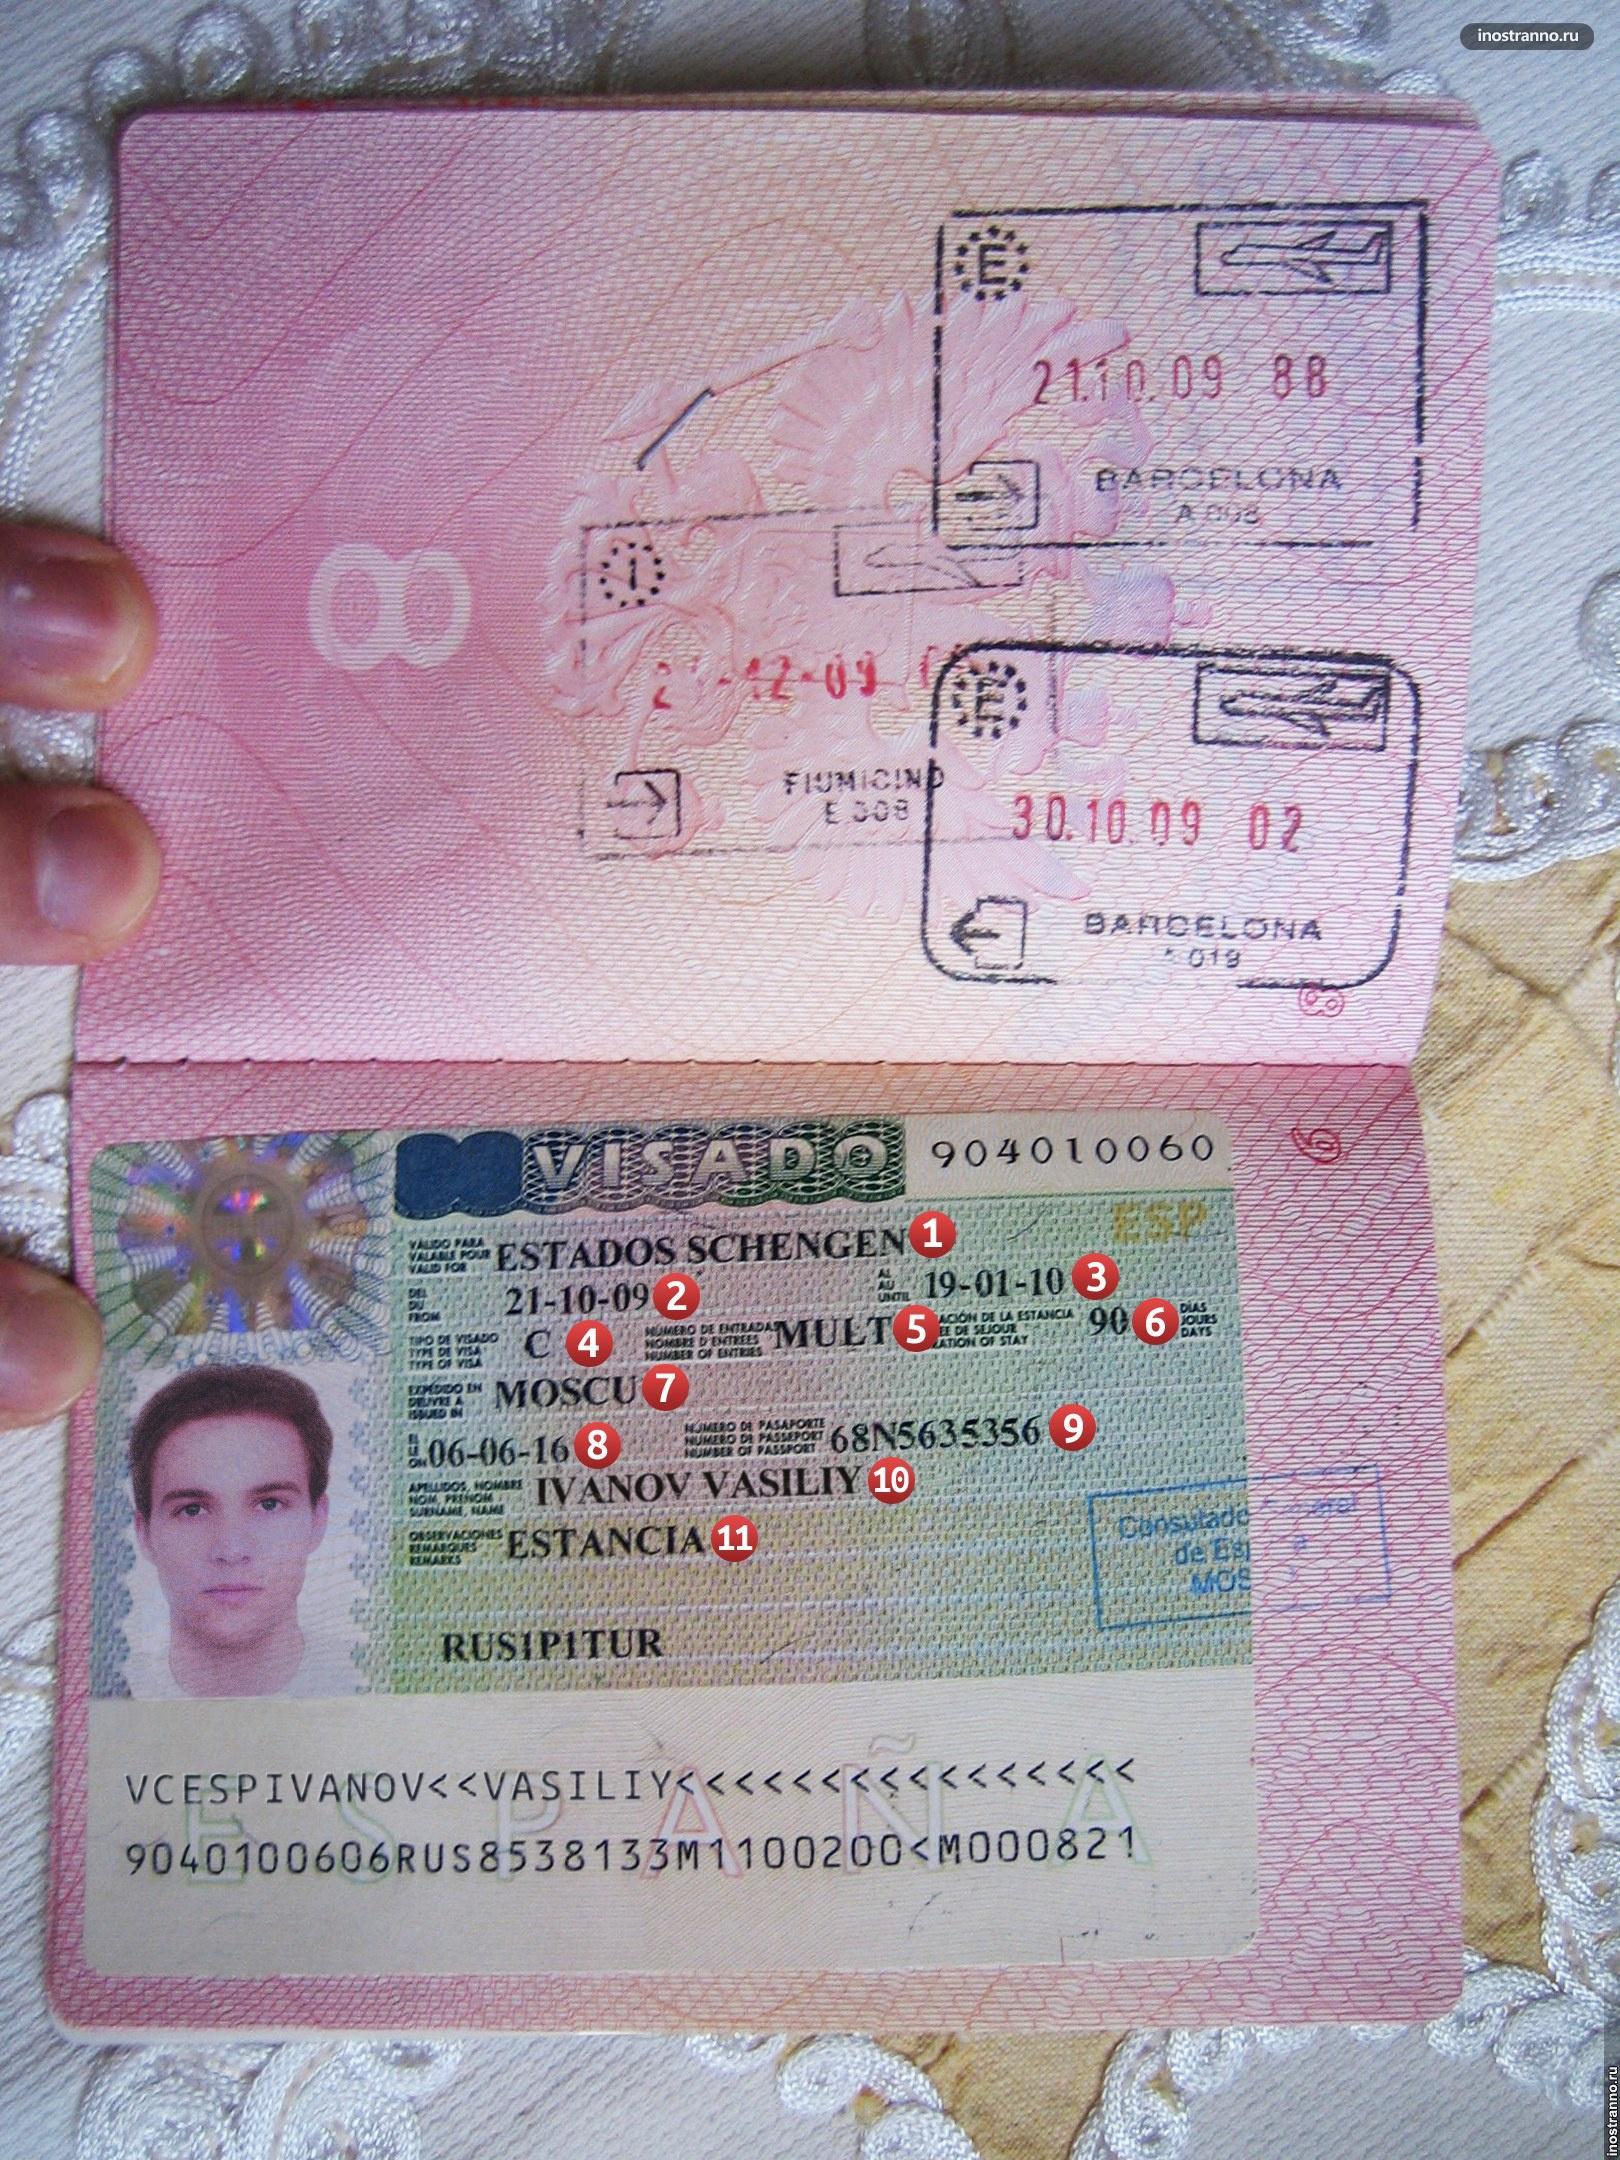 Куда можно поехать с Шенгеном и другими типами виз? - Иностранно.ру